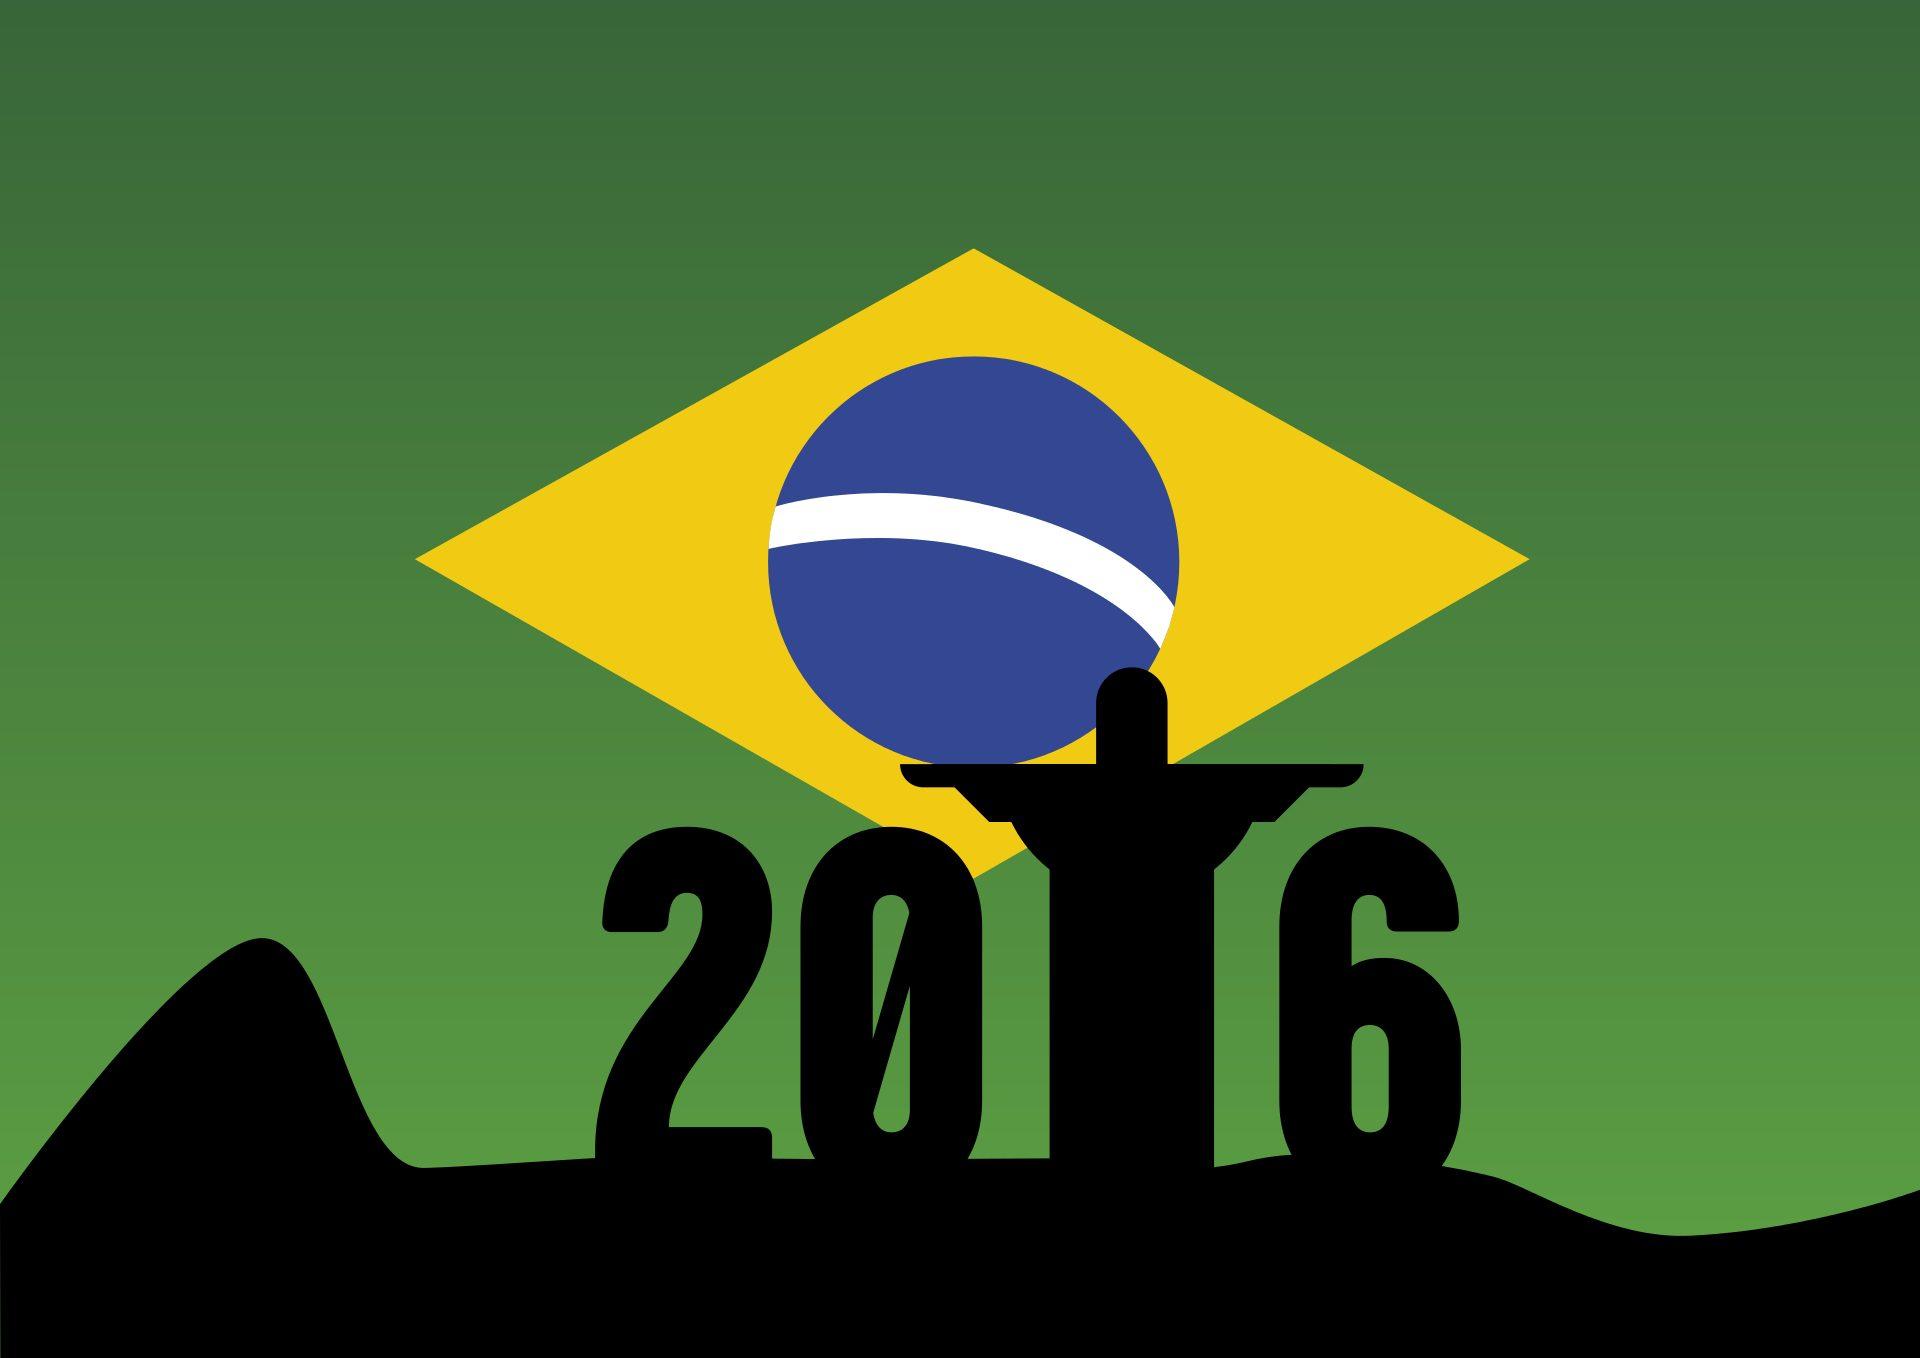 Olimpiadi, Vacanze Rio de janeiro, Giochi olimpici, Brasile, Corcovado Cristo - Sfondi HD - Professor-falken.com